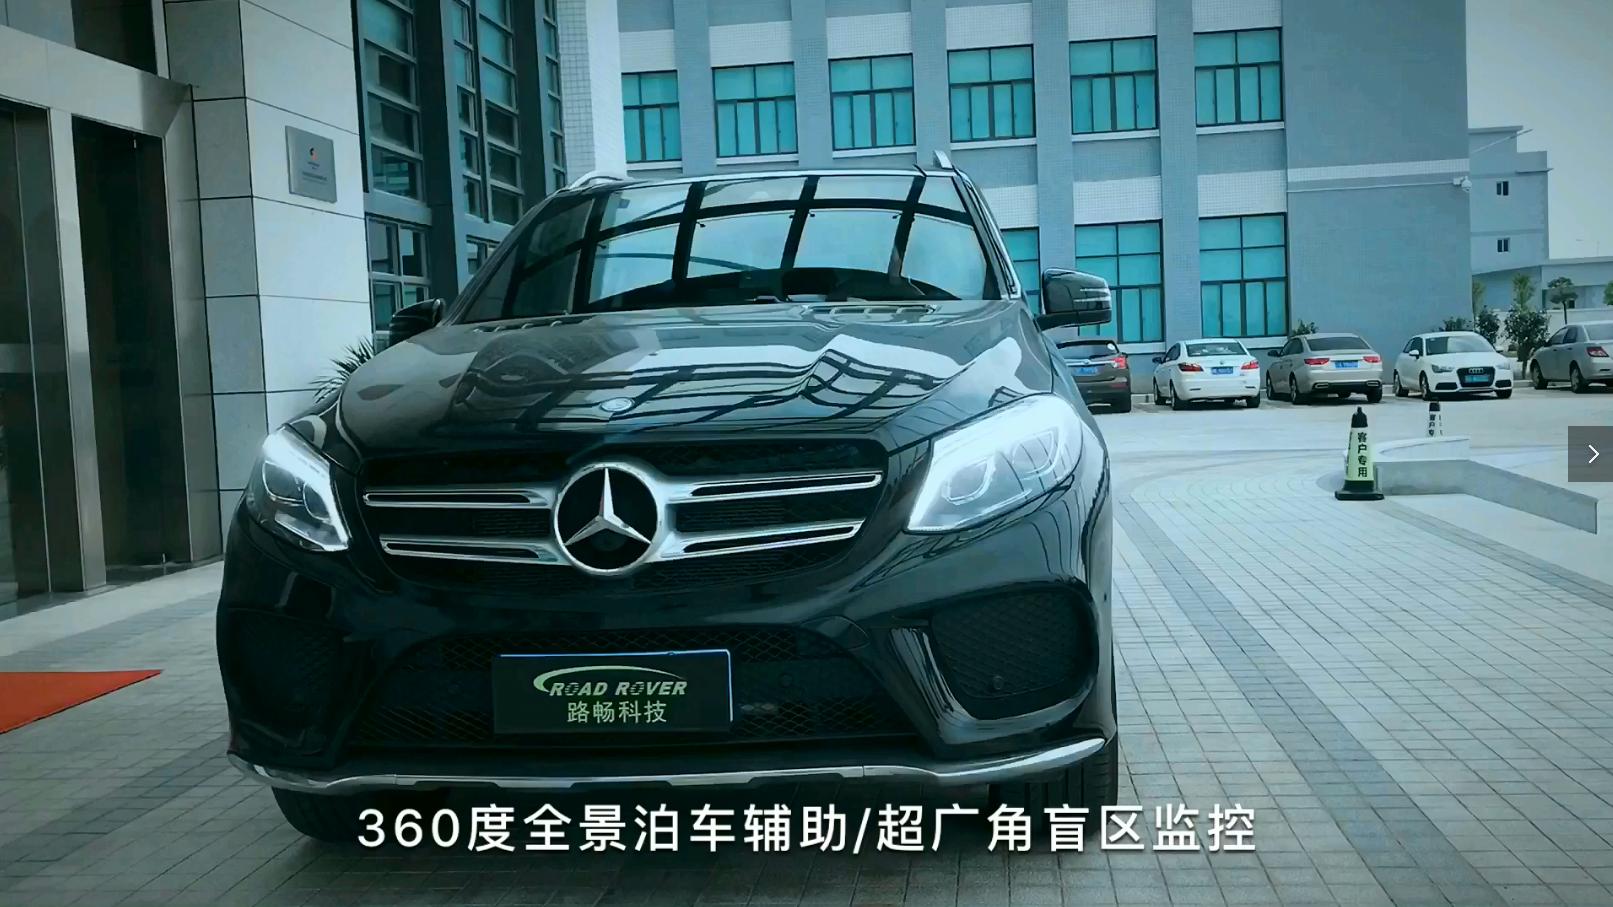 安全又实用,奔驰360°全景安全环视系统